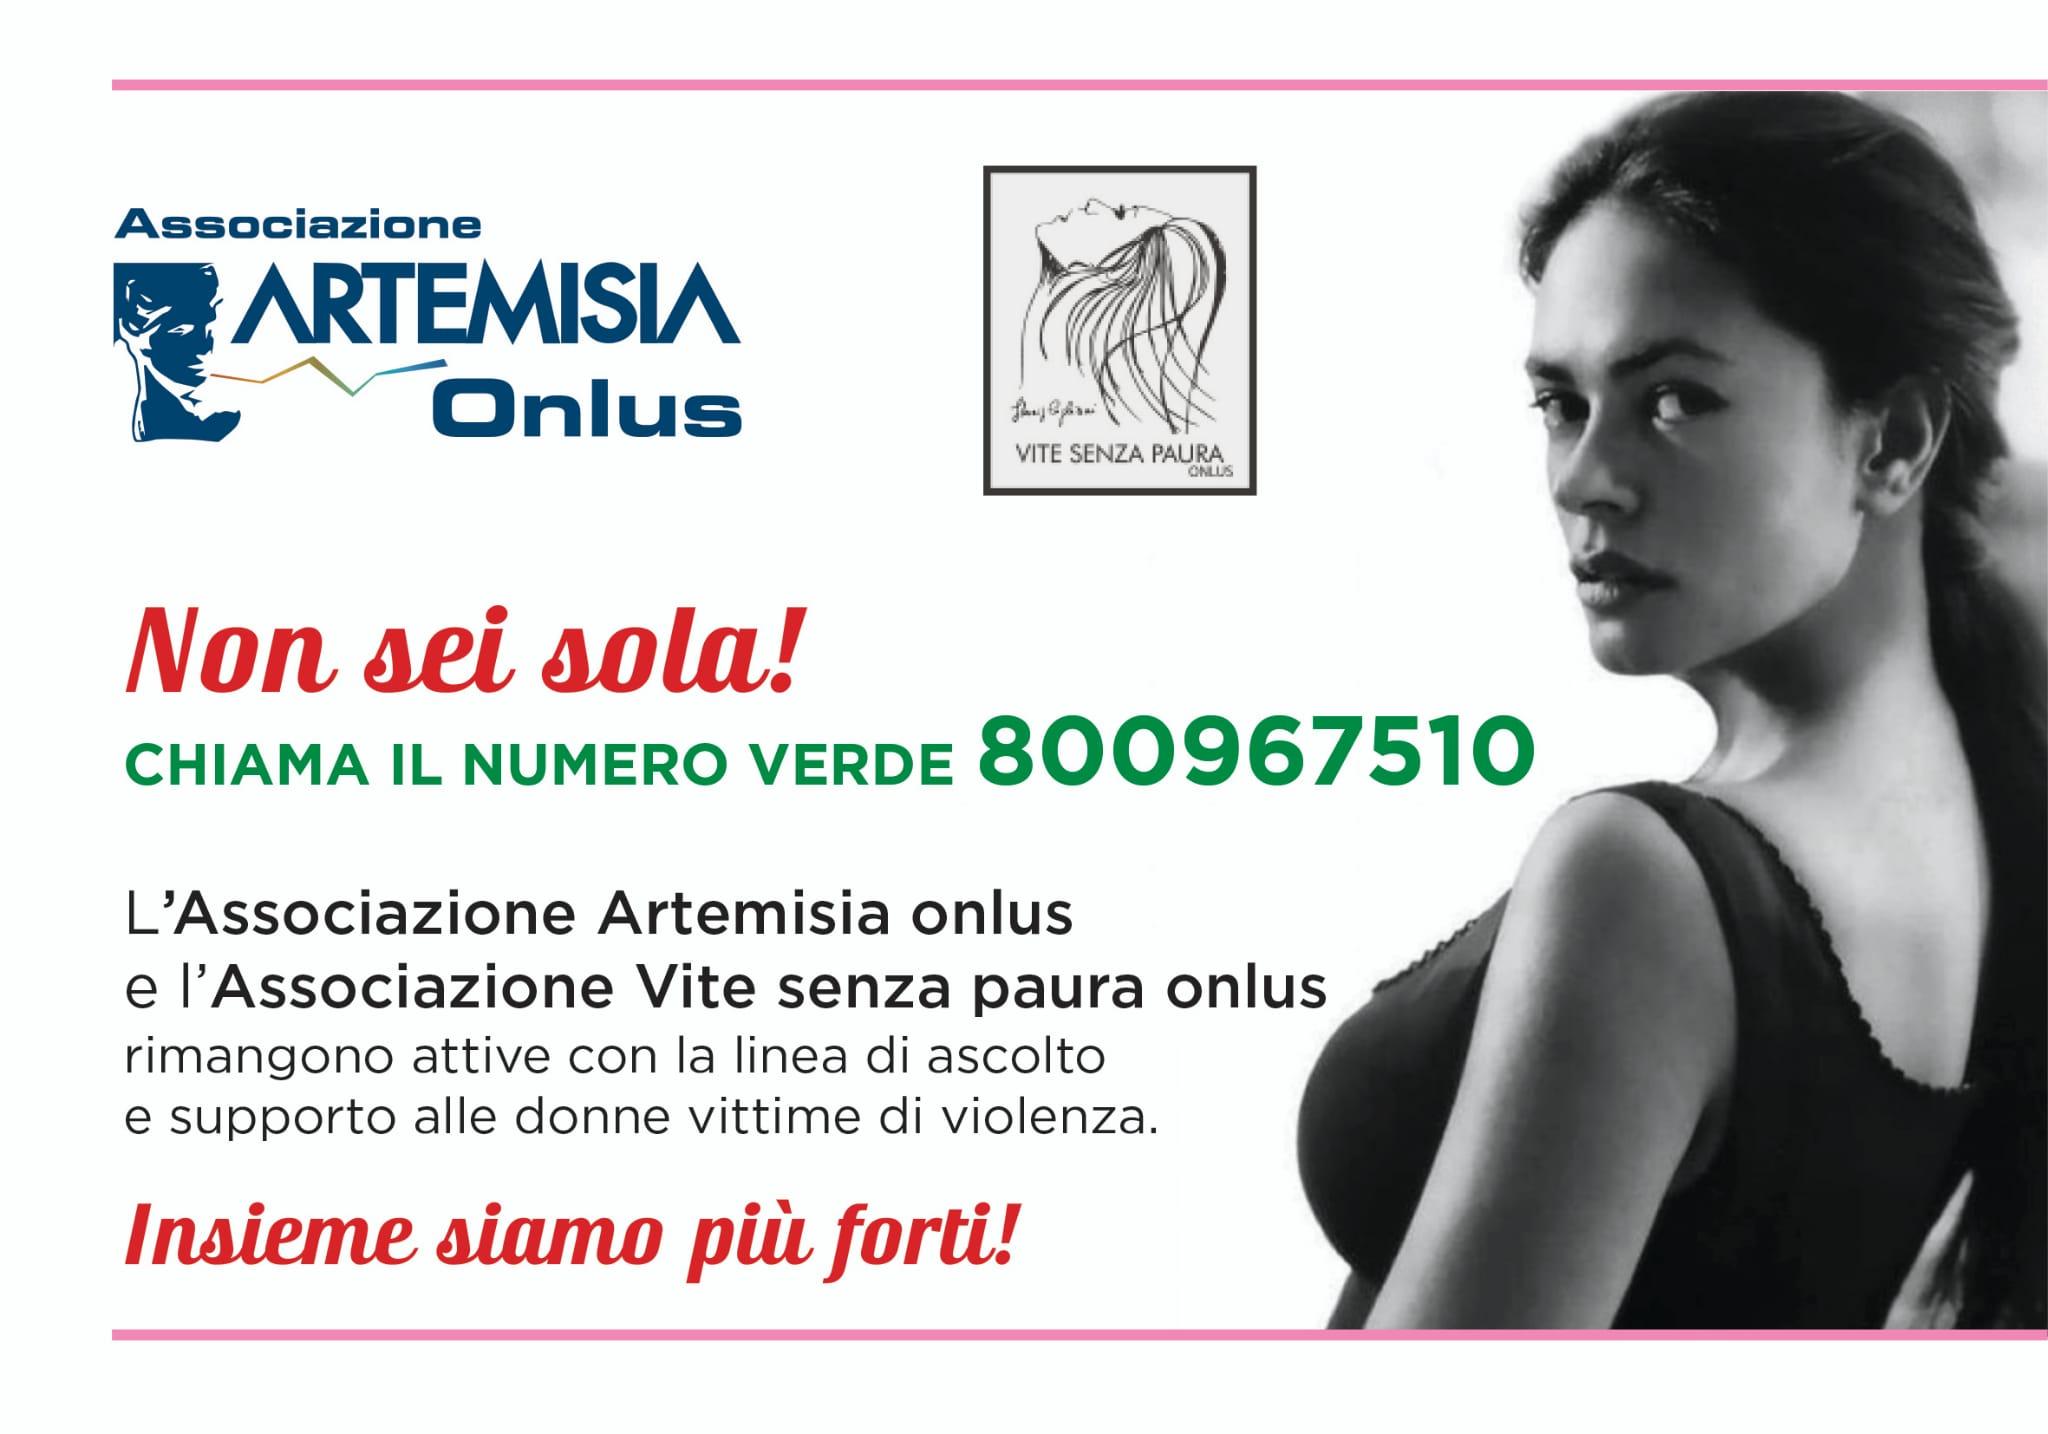 Fase 3: agire subito contro violenza donne, alleanza Artemisia-Vite Senza Paura